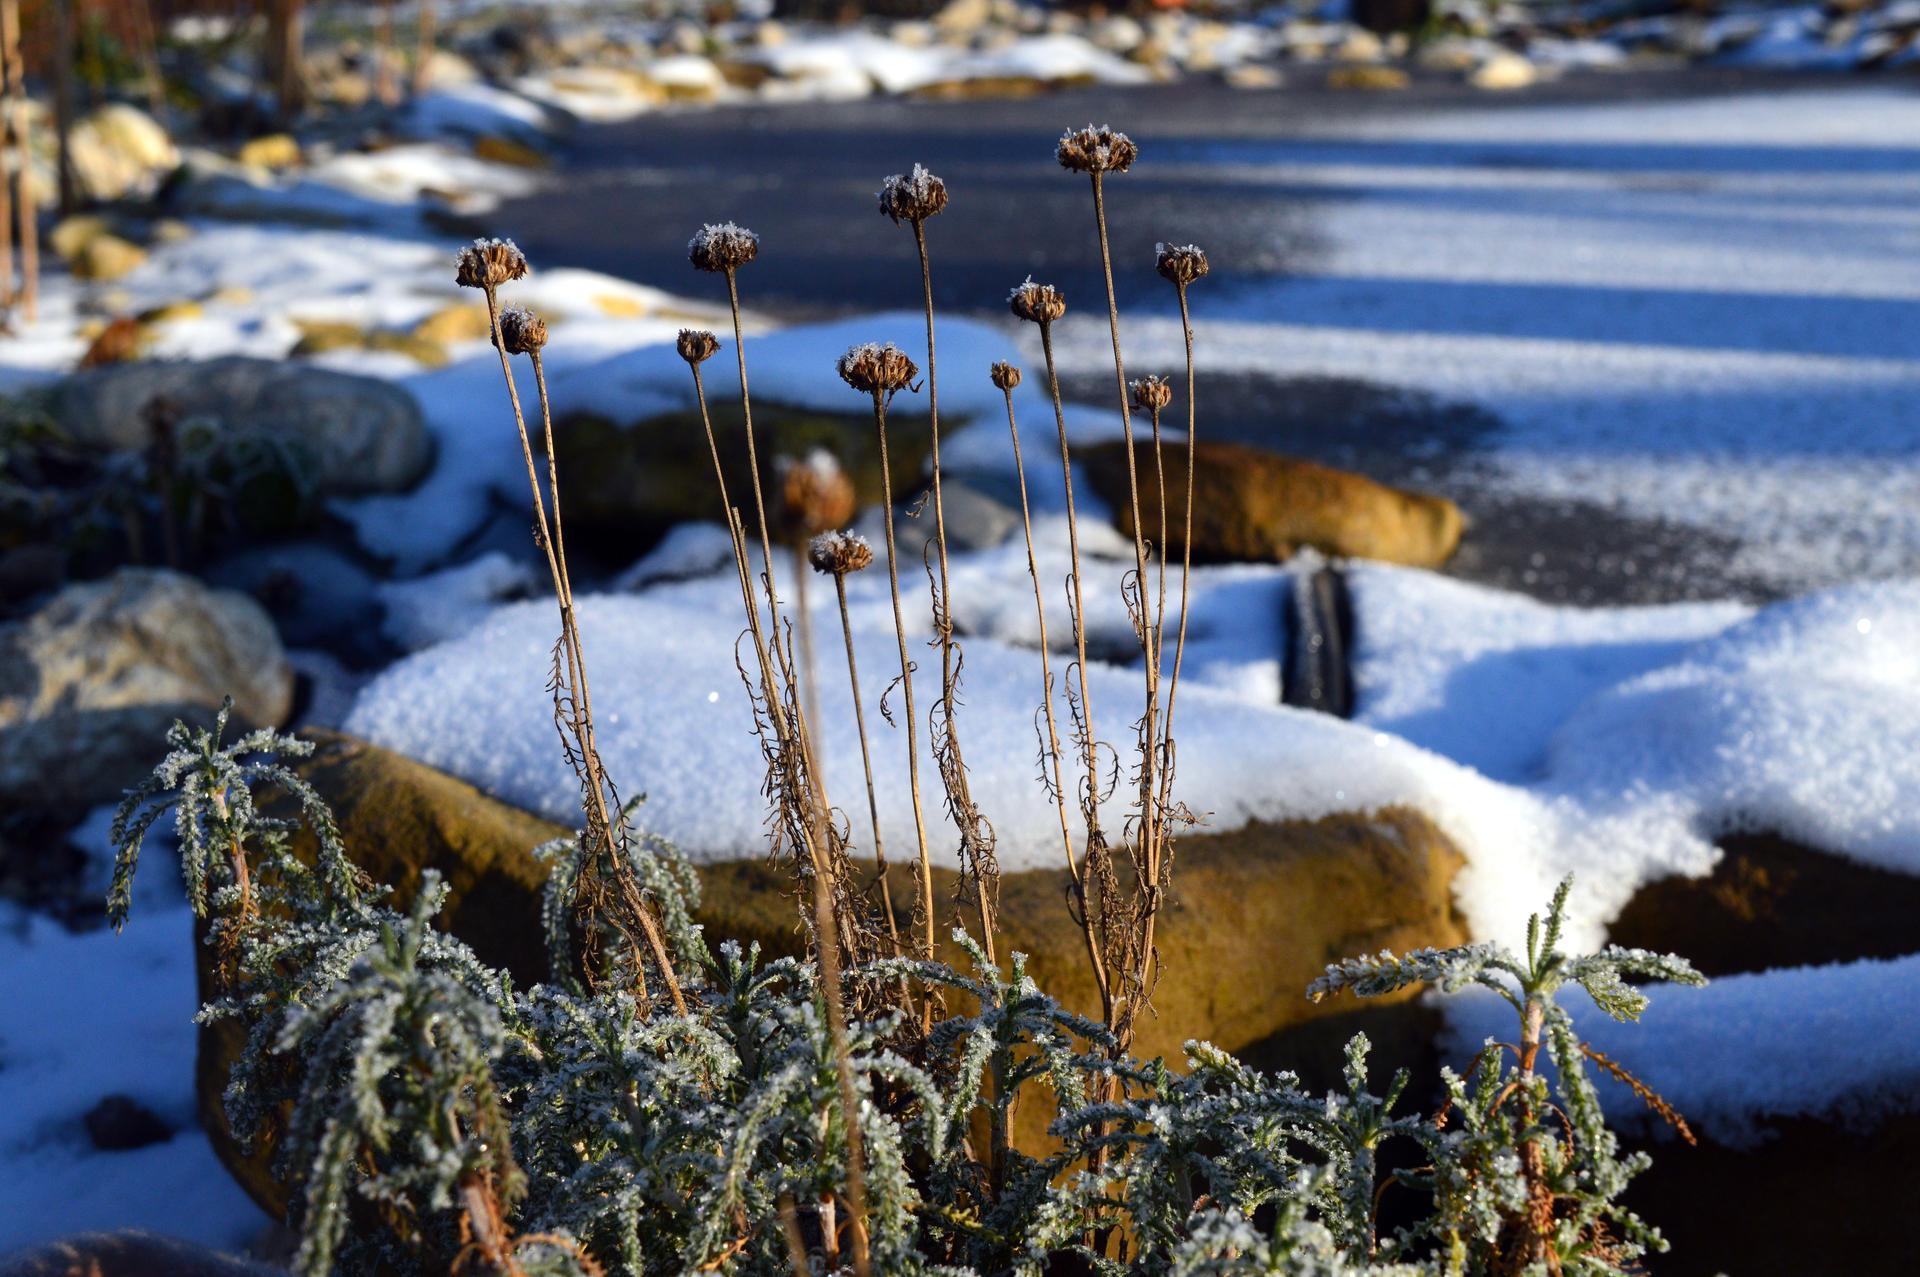 Naša prírodná perma záhradka v roku 2020 - okolie jazierka